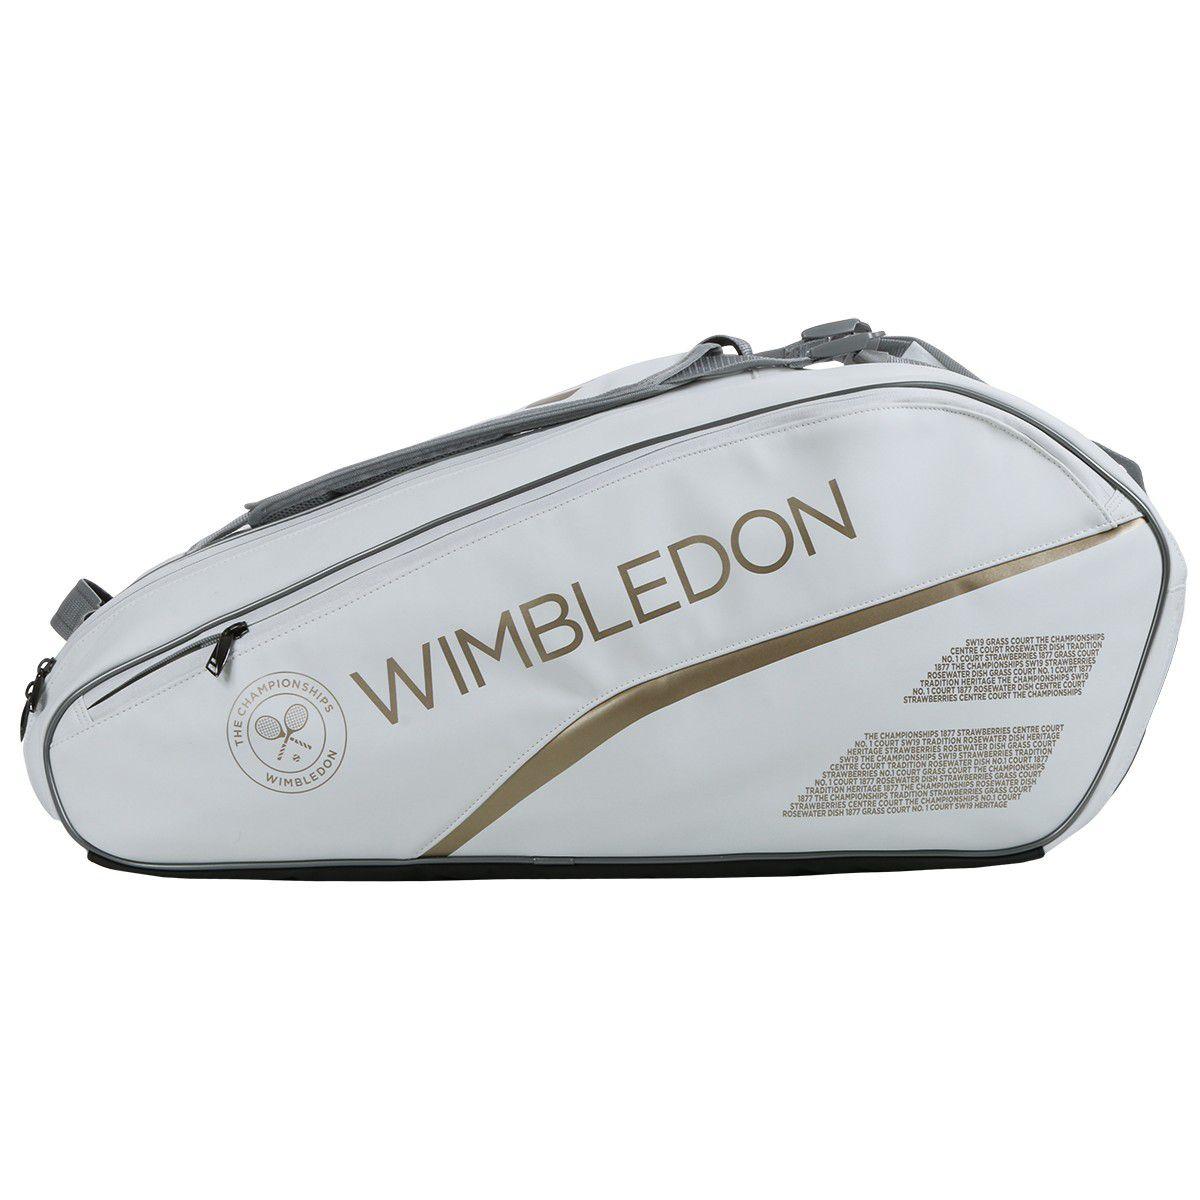 Raqueteira Babolat Pure Wimbledon  X6 - Branco e Dourado  - REAL ESPORTE